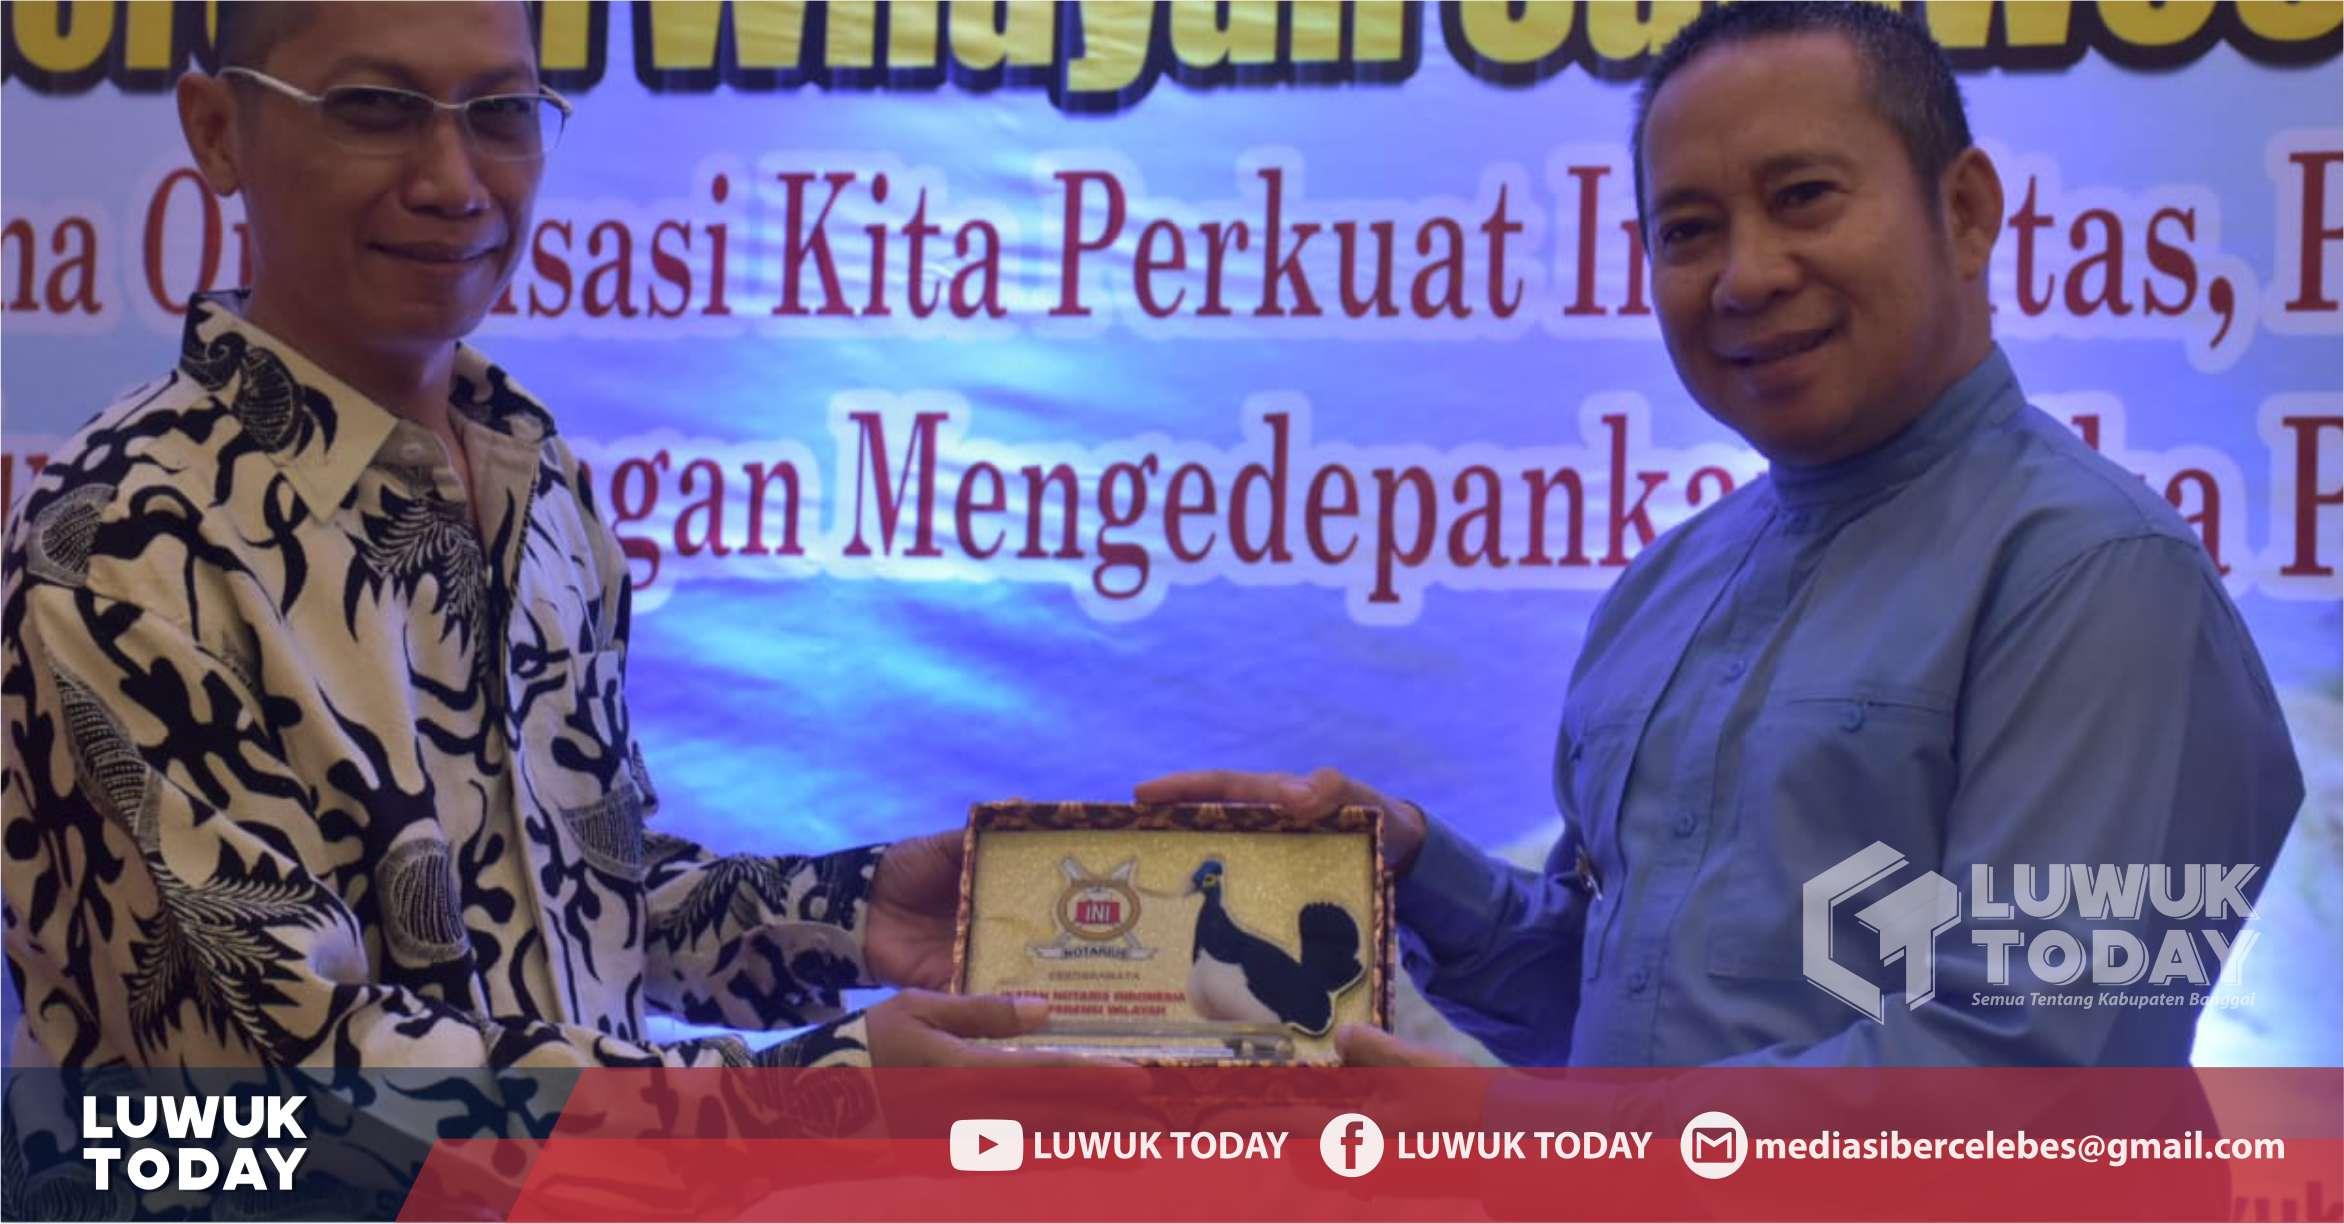 Foto Wakil Bupati Banggai H. Mustar Labolo menghadiri acara pembukaan Konferensi Ikatan Notaris Indonesia Sulawesi Tengah, di Hotel Santika Luwuk, Sabtu (14/9/2019).